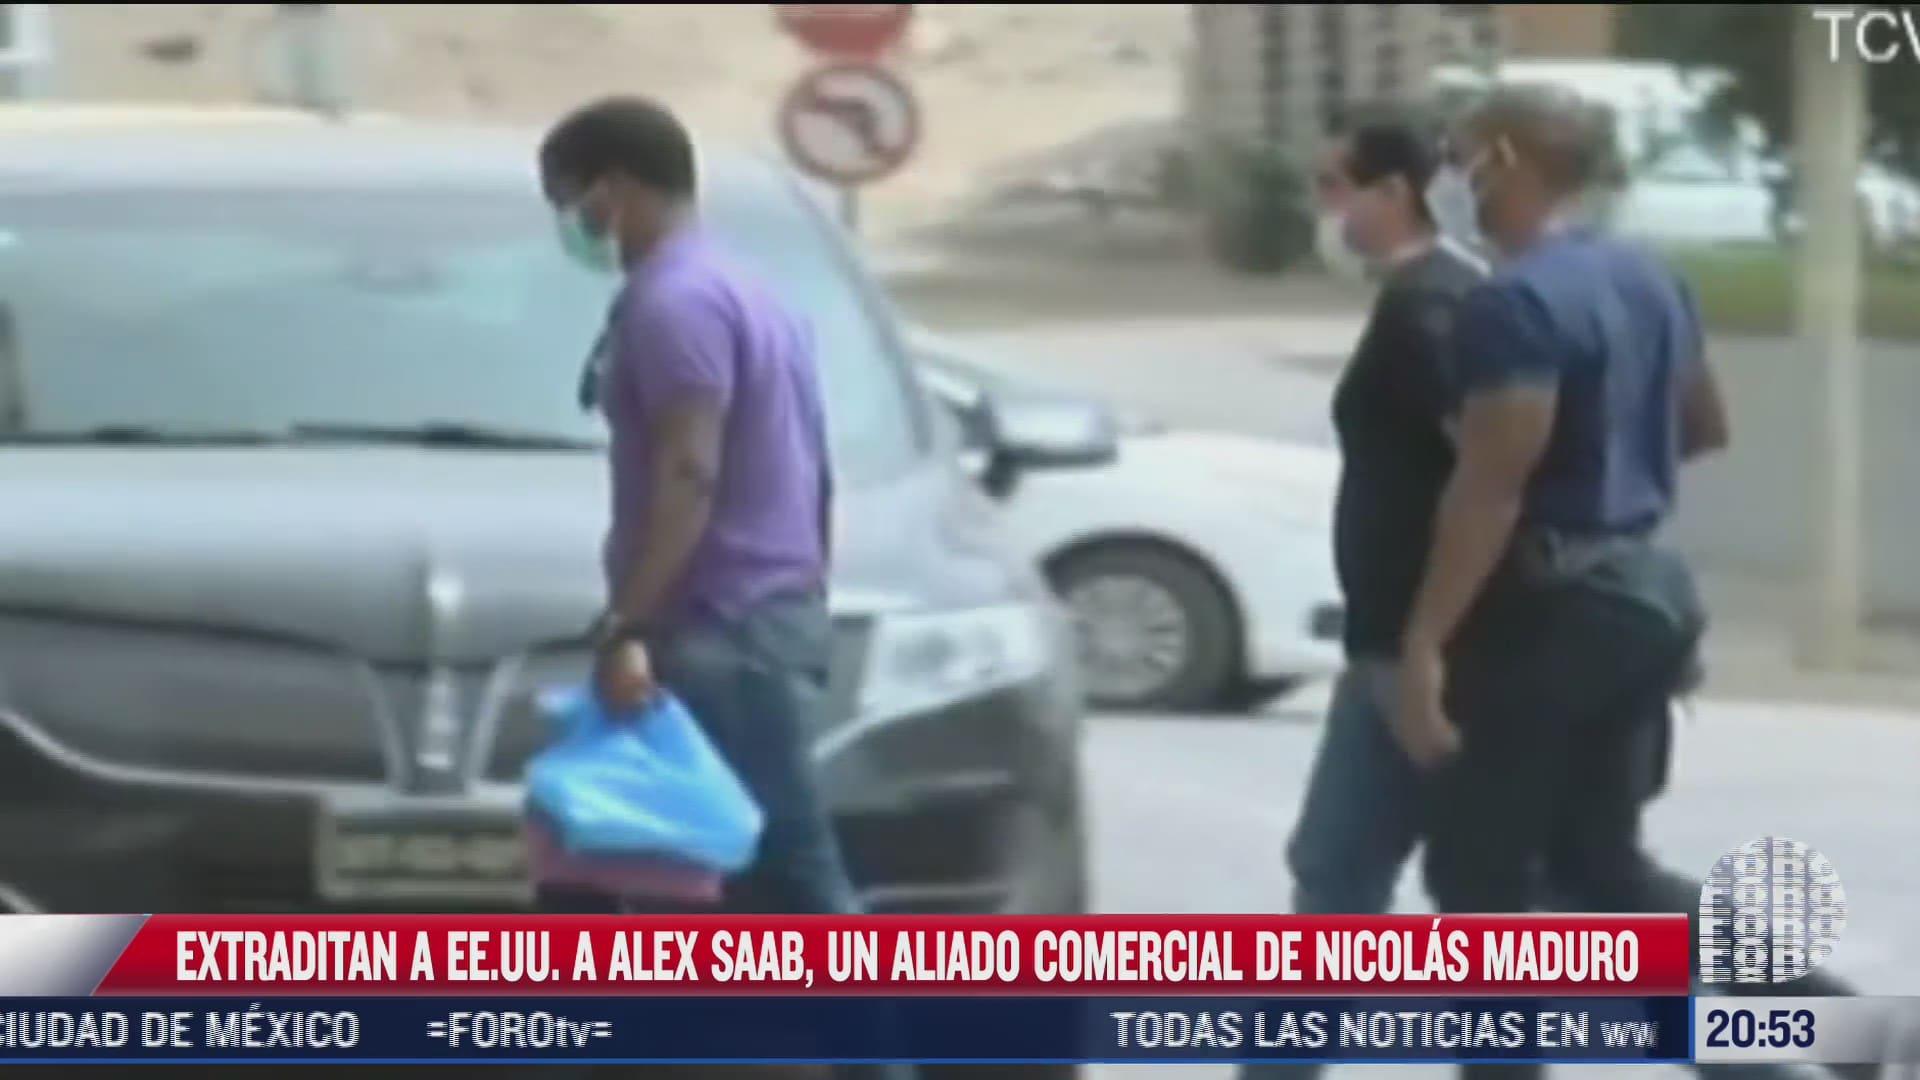 extraditan a ee uu a alex saab un aliado comercial de nicolas maduro